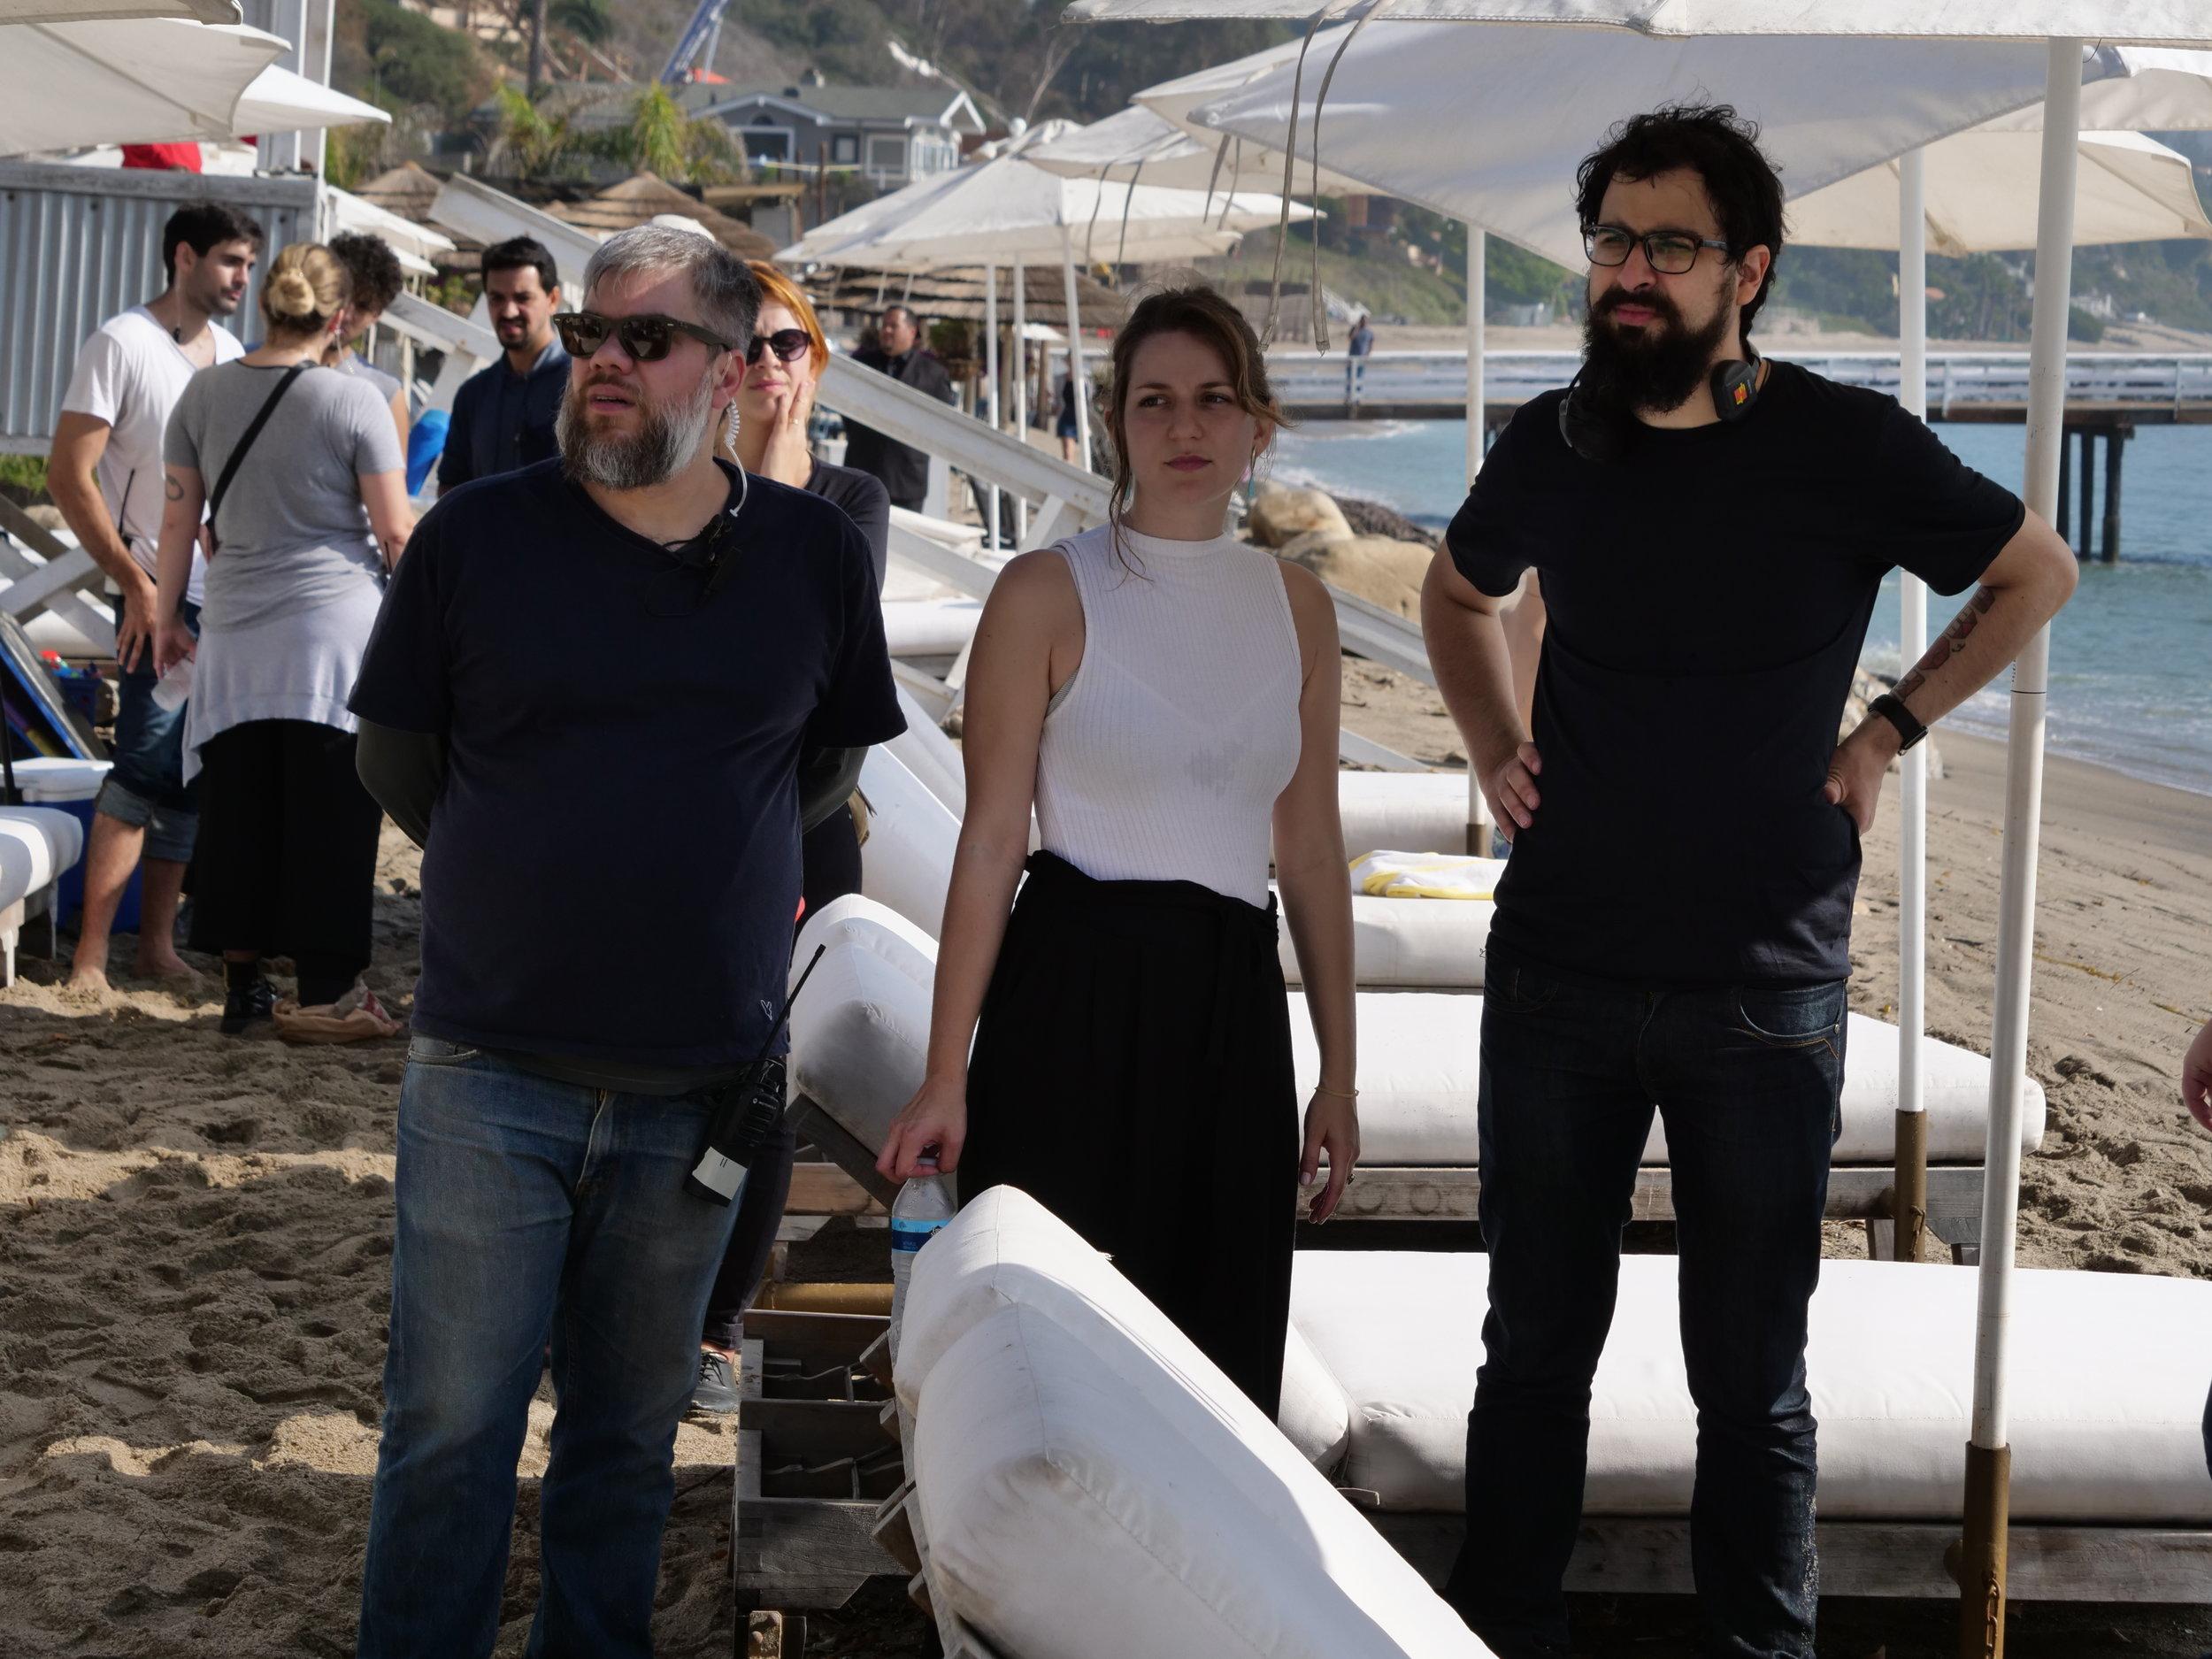 Assistente de direção Ulisses Wermelinger, diretora de arte Belisa Bagiani e o diretor João Papa atrás das lentes